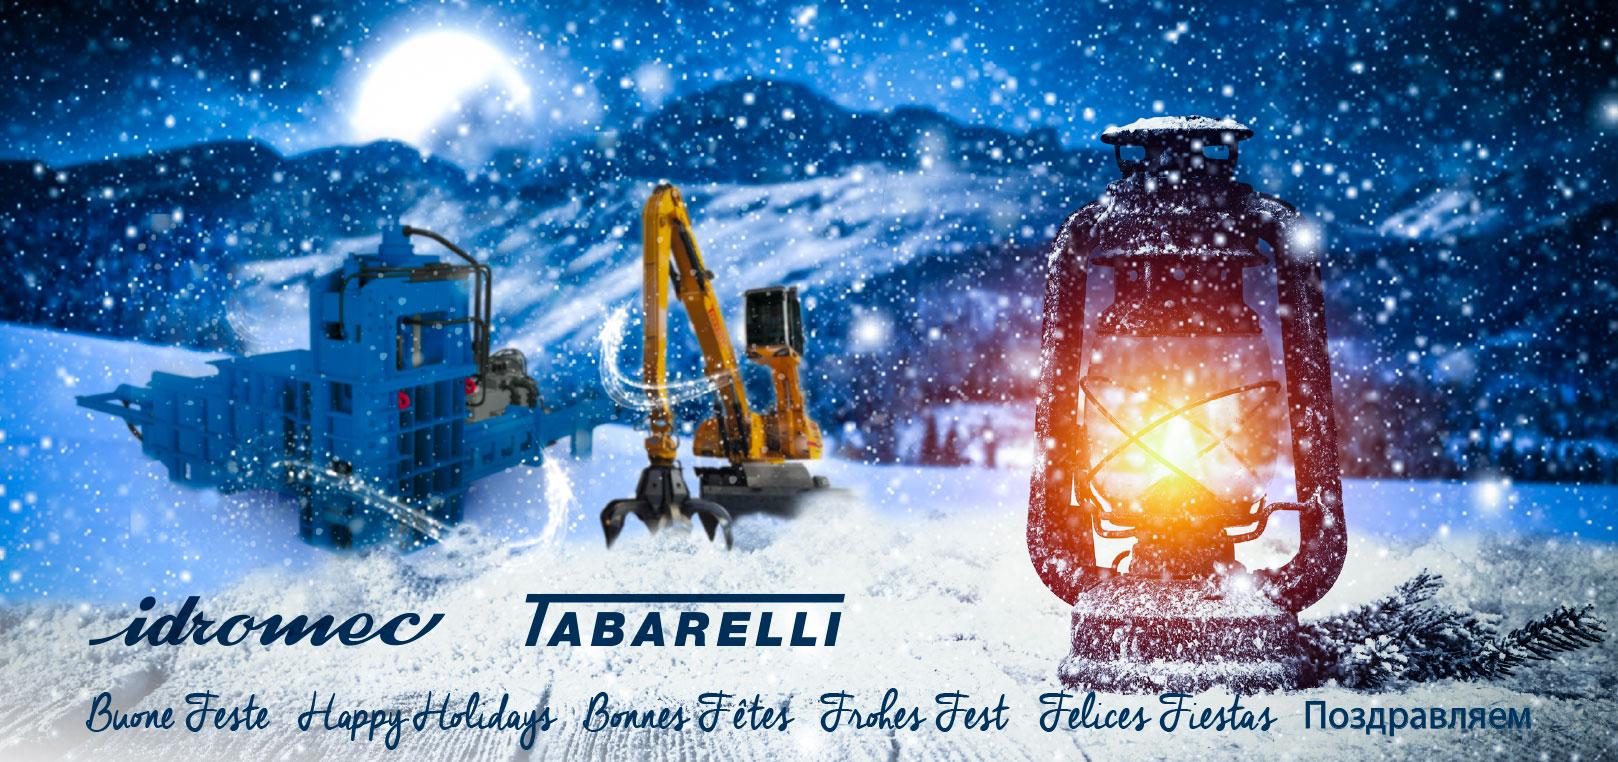 Wir Wünschen Ihnen Frohe Weihnachten Und Ein Glückliches Neues Jahr.Wir Wünschen Ihnen Frohe Weihnachten Und Ein Glückliches Neues 2019